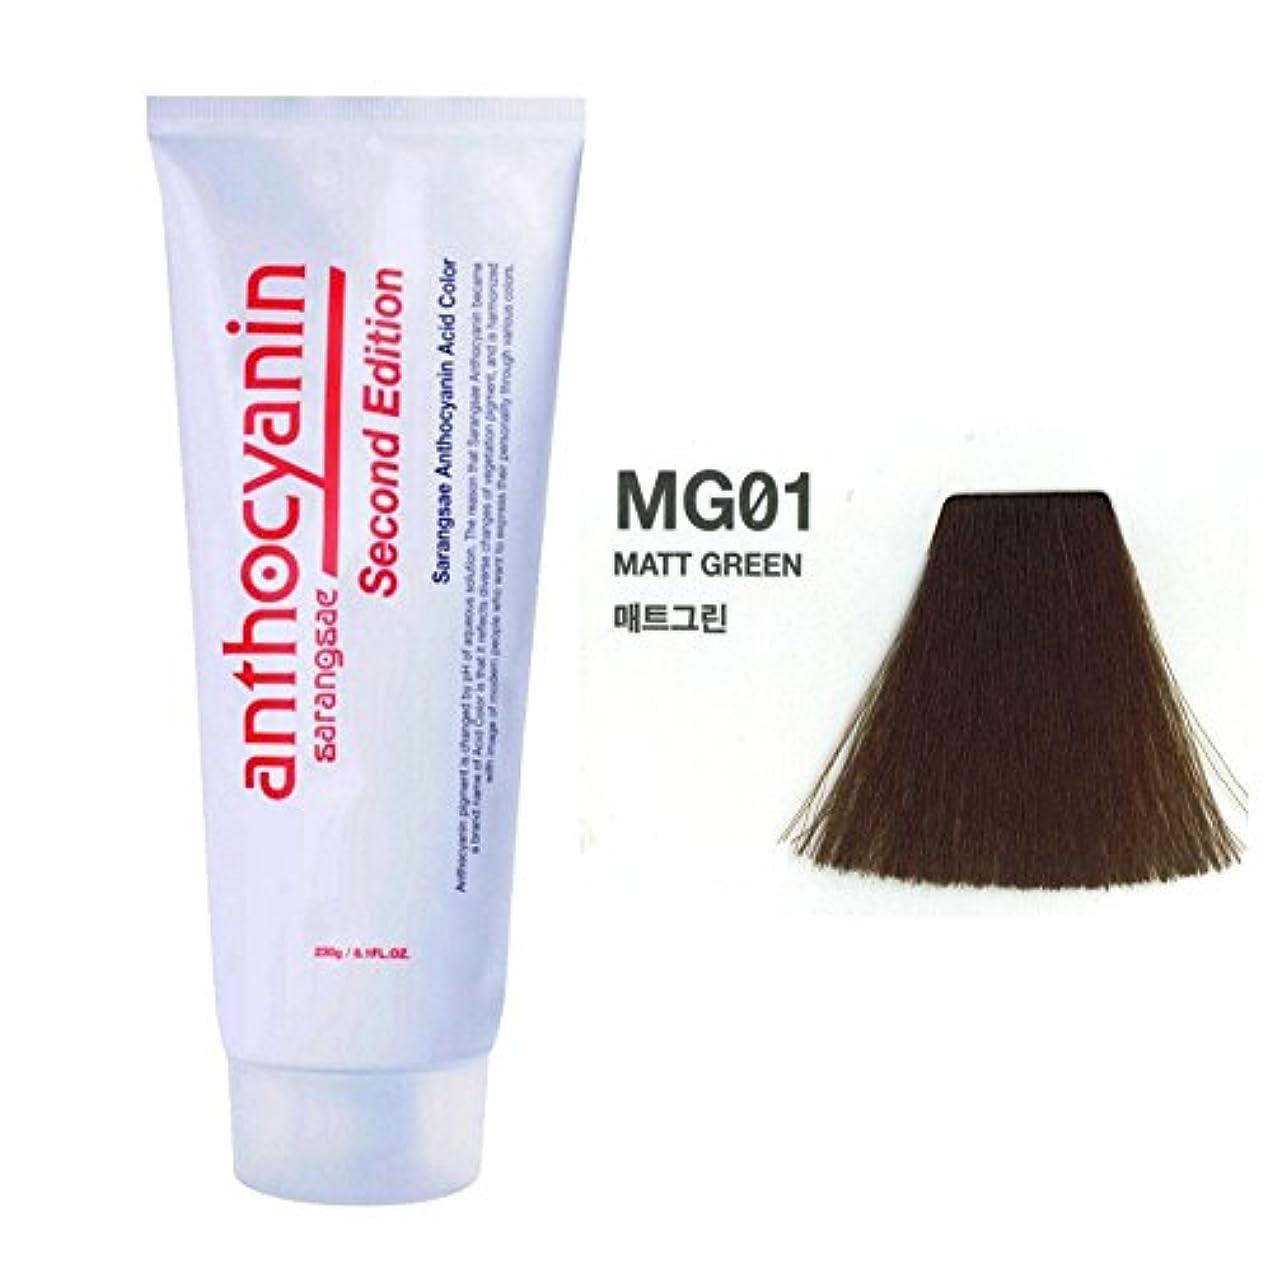 広まったラバ弁護人ヘア マニキュア カラー セカンド エディション 230g セミ パーマネント 染毛剤 (Hair Manicure Color Second Edition 230g Semi Permanent Hair Dye) [並行輸入品] (MG01 Marr Green)